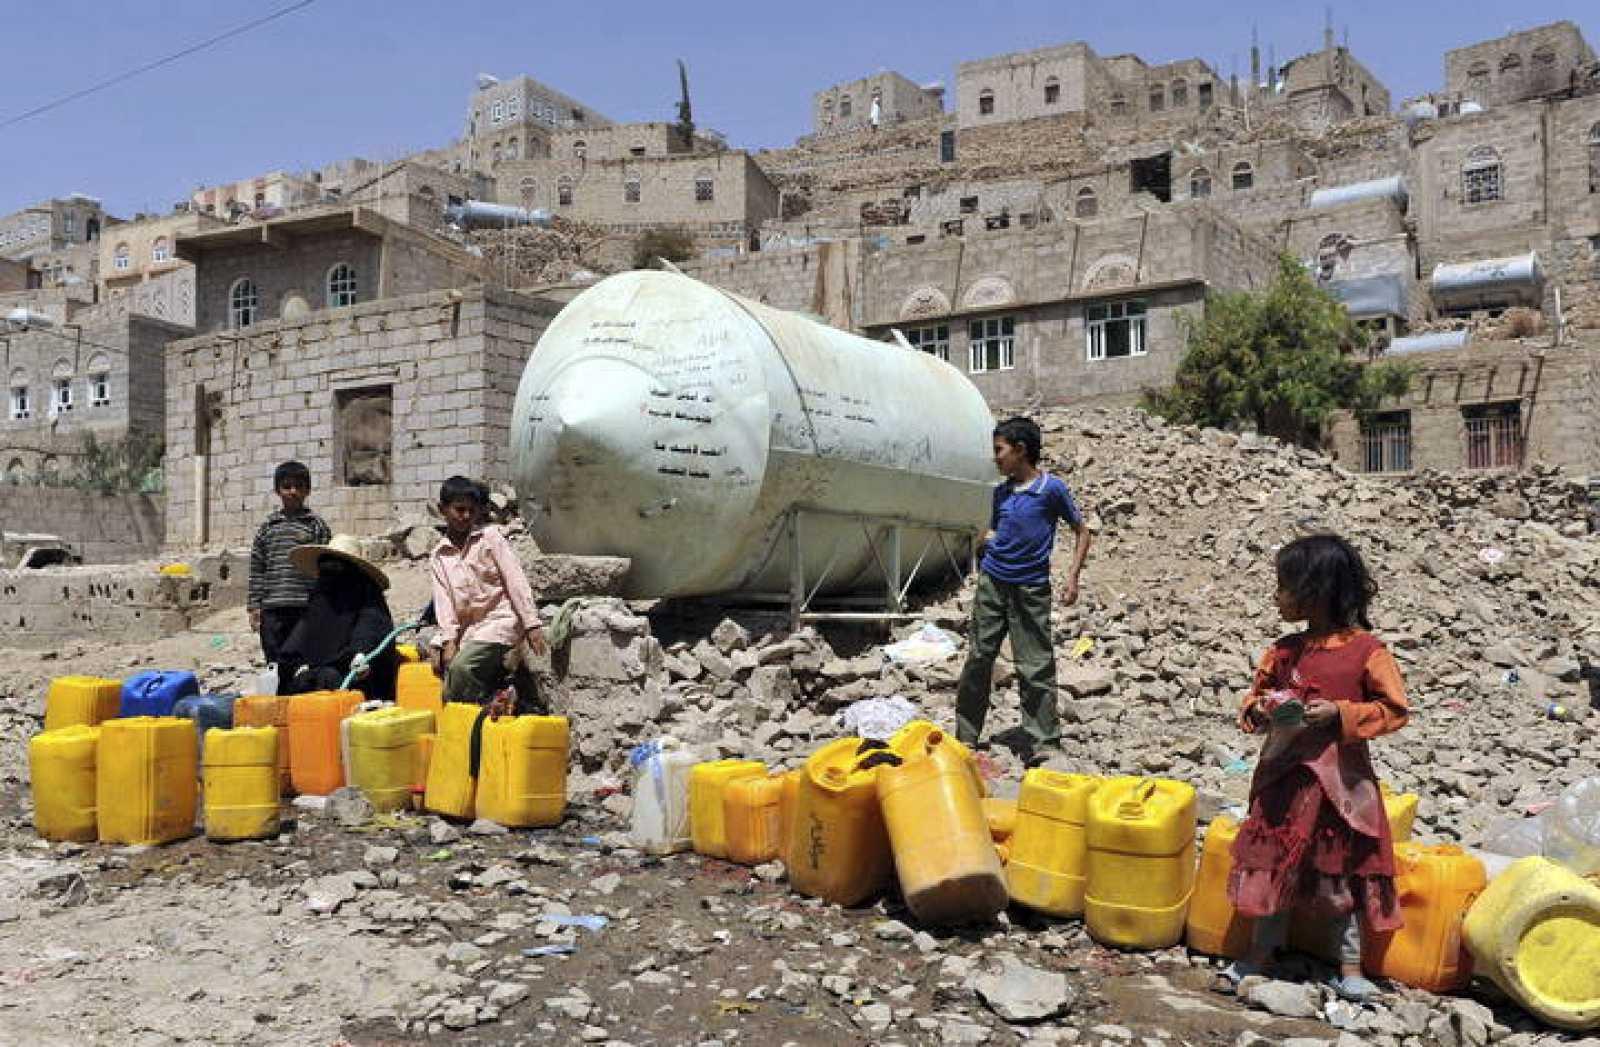 Una mujer y unos niños llenan bidones de agua de una tubería pública en una barriada pobre de Saná (Yemen).